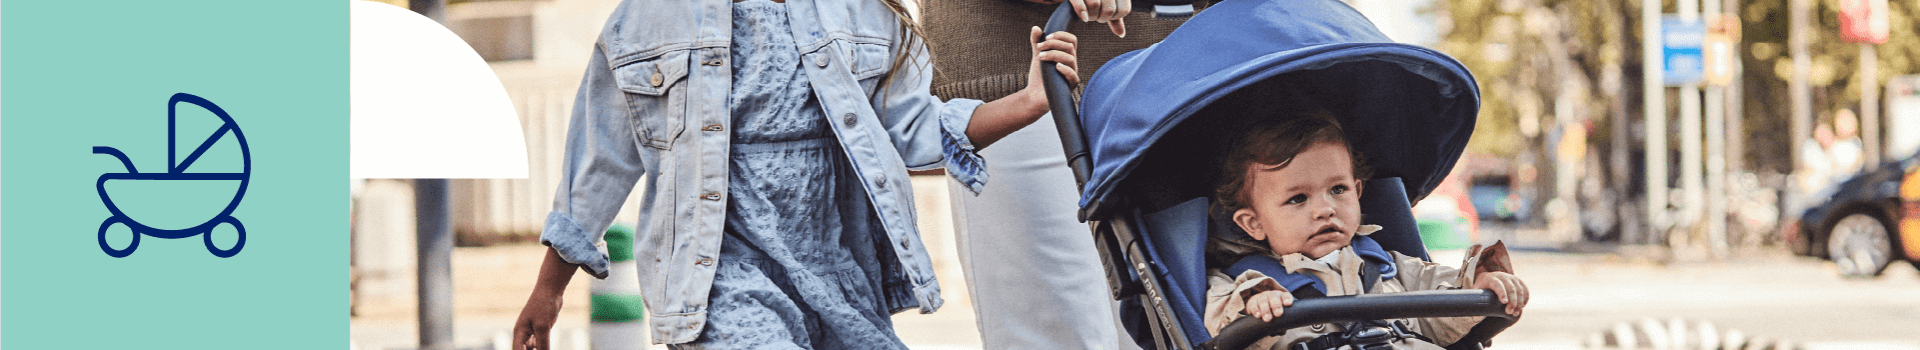 Carrinhos Jané   Os melhores carrinhos de bebé   Janéworld